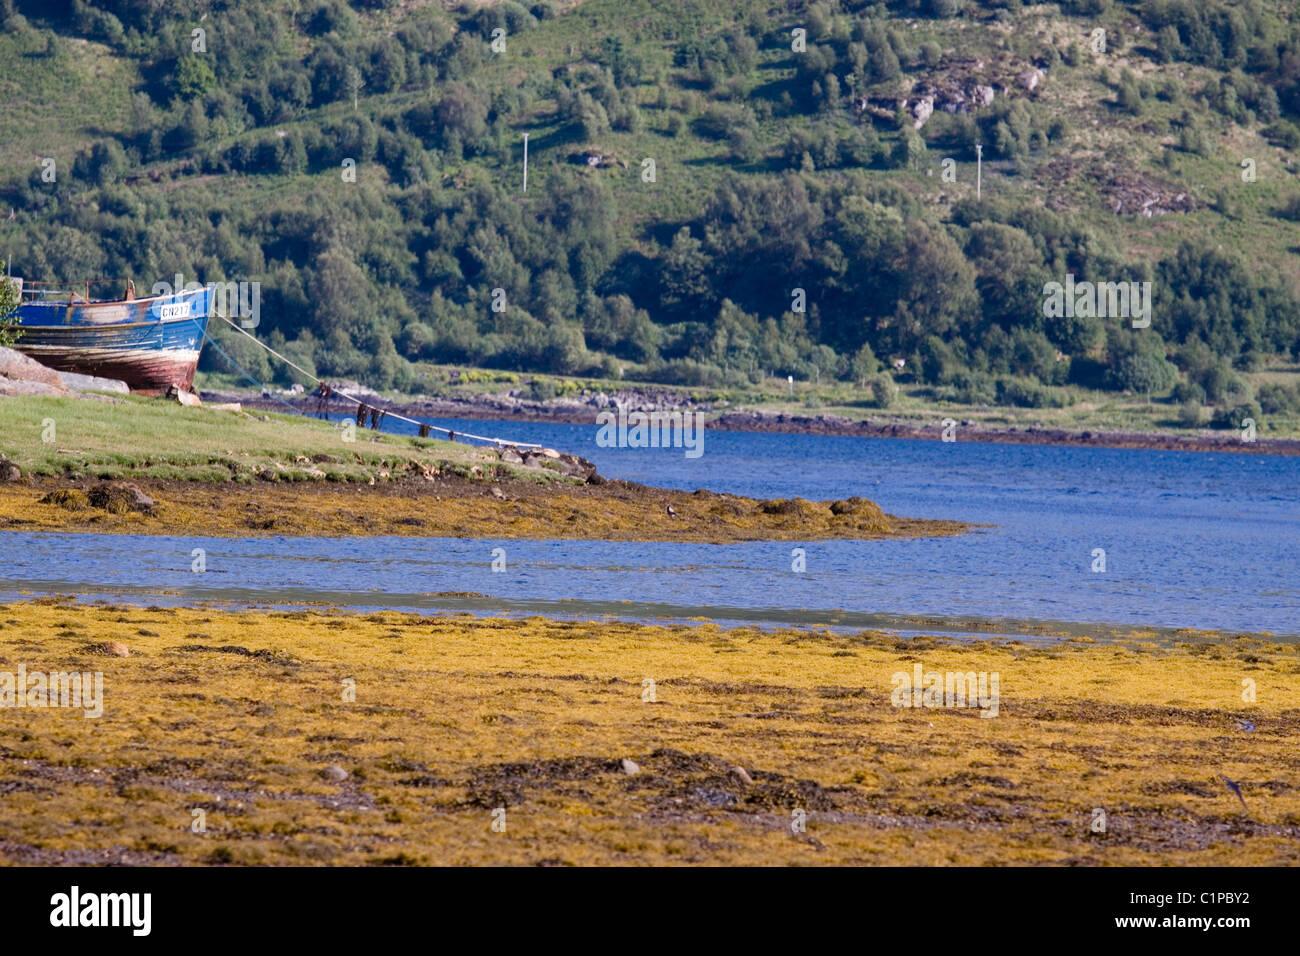 L'Écosse, Strontian, bateau de pêche amarré au rivage Photo Stock